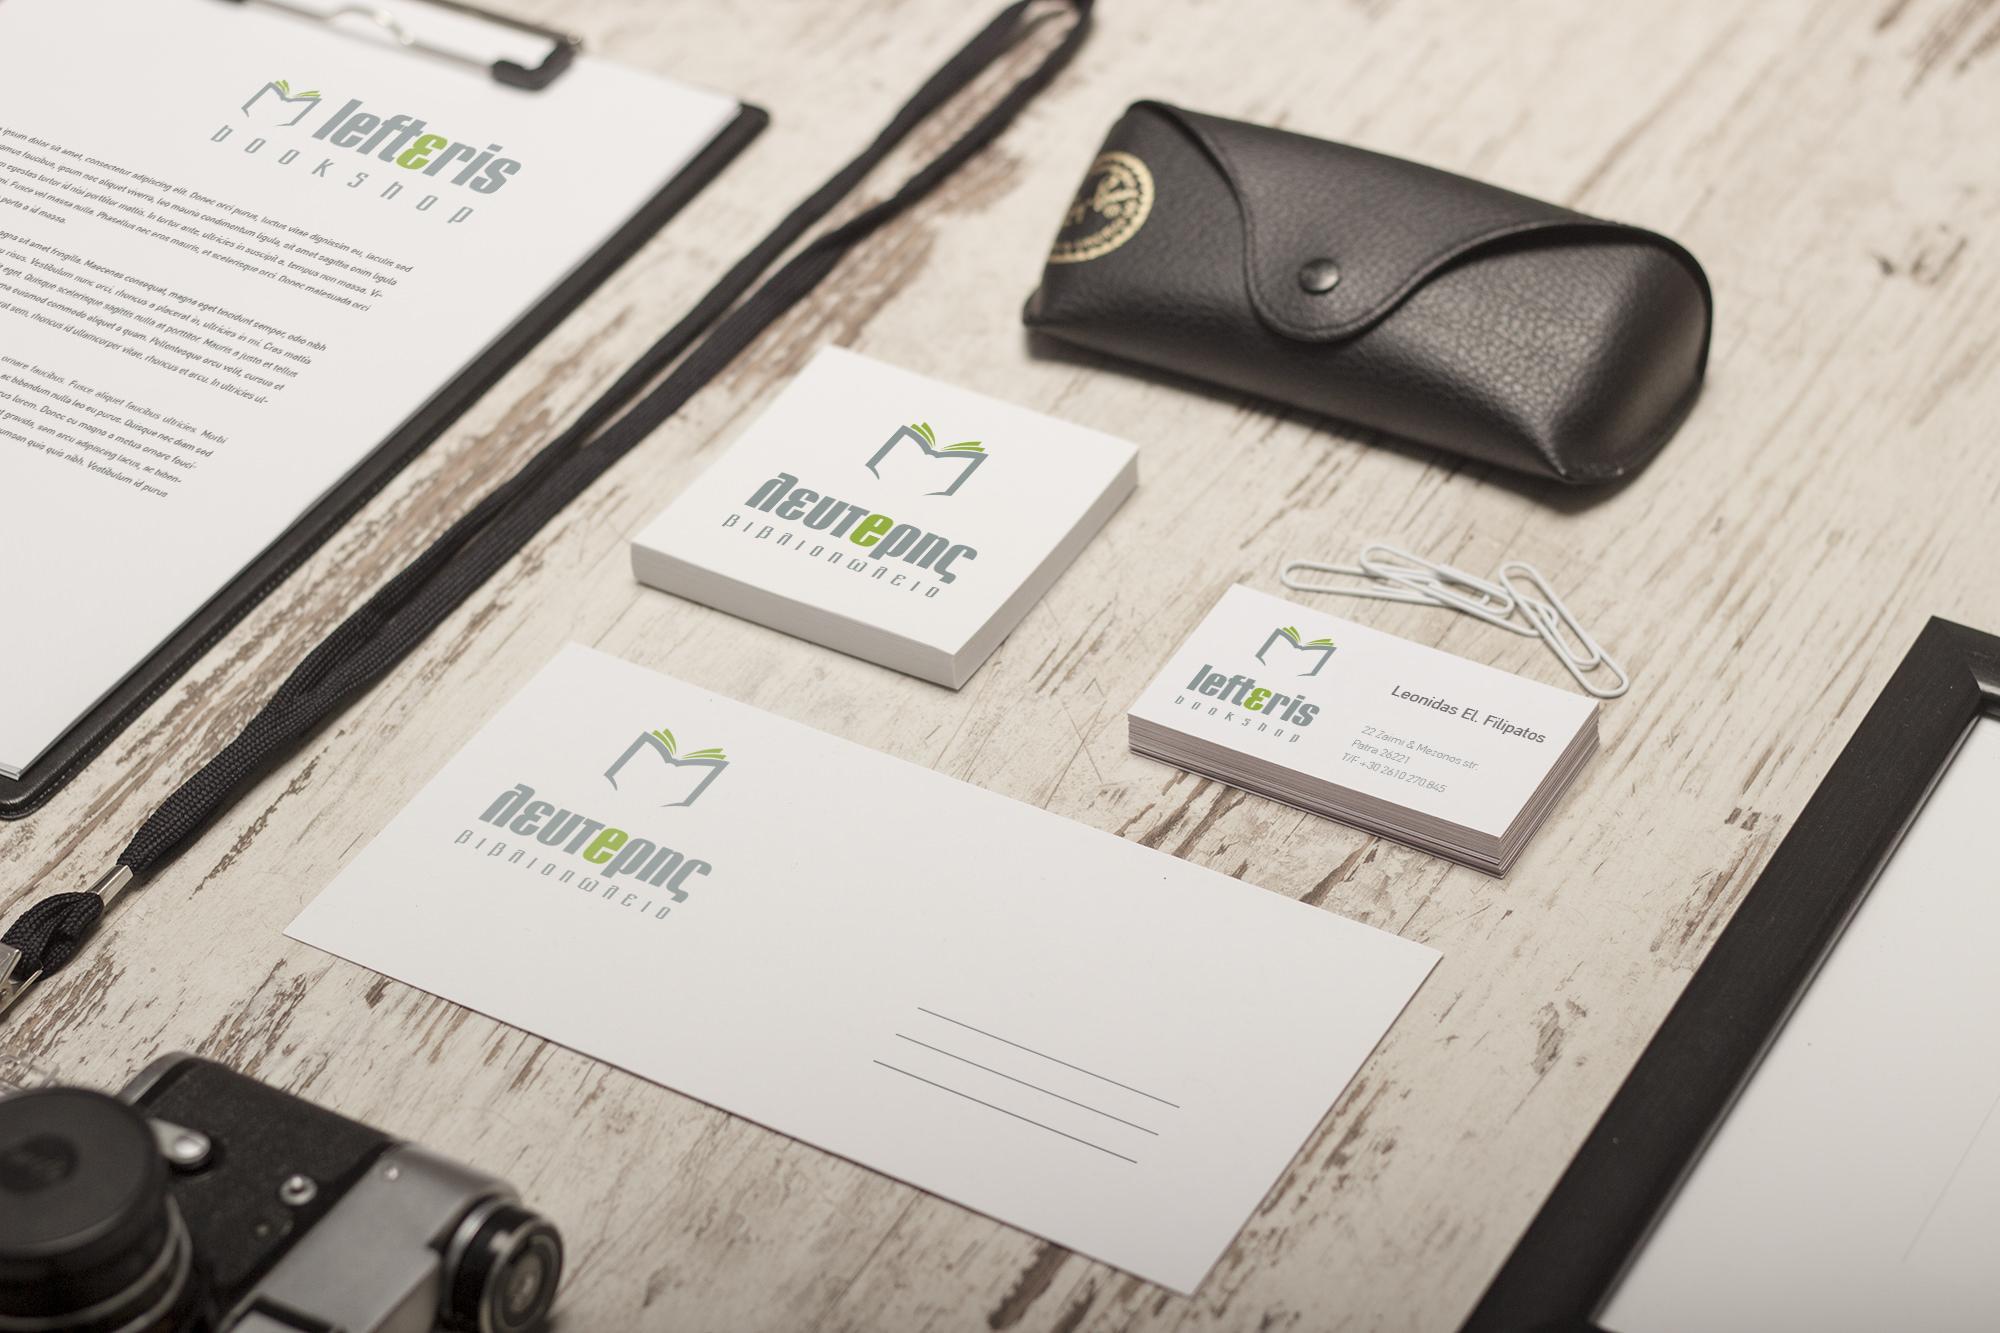 εταιρική ταυτότητα - σχεδιασμός λογοτύπου